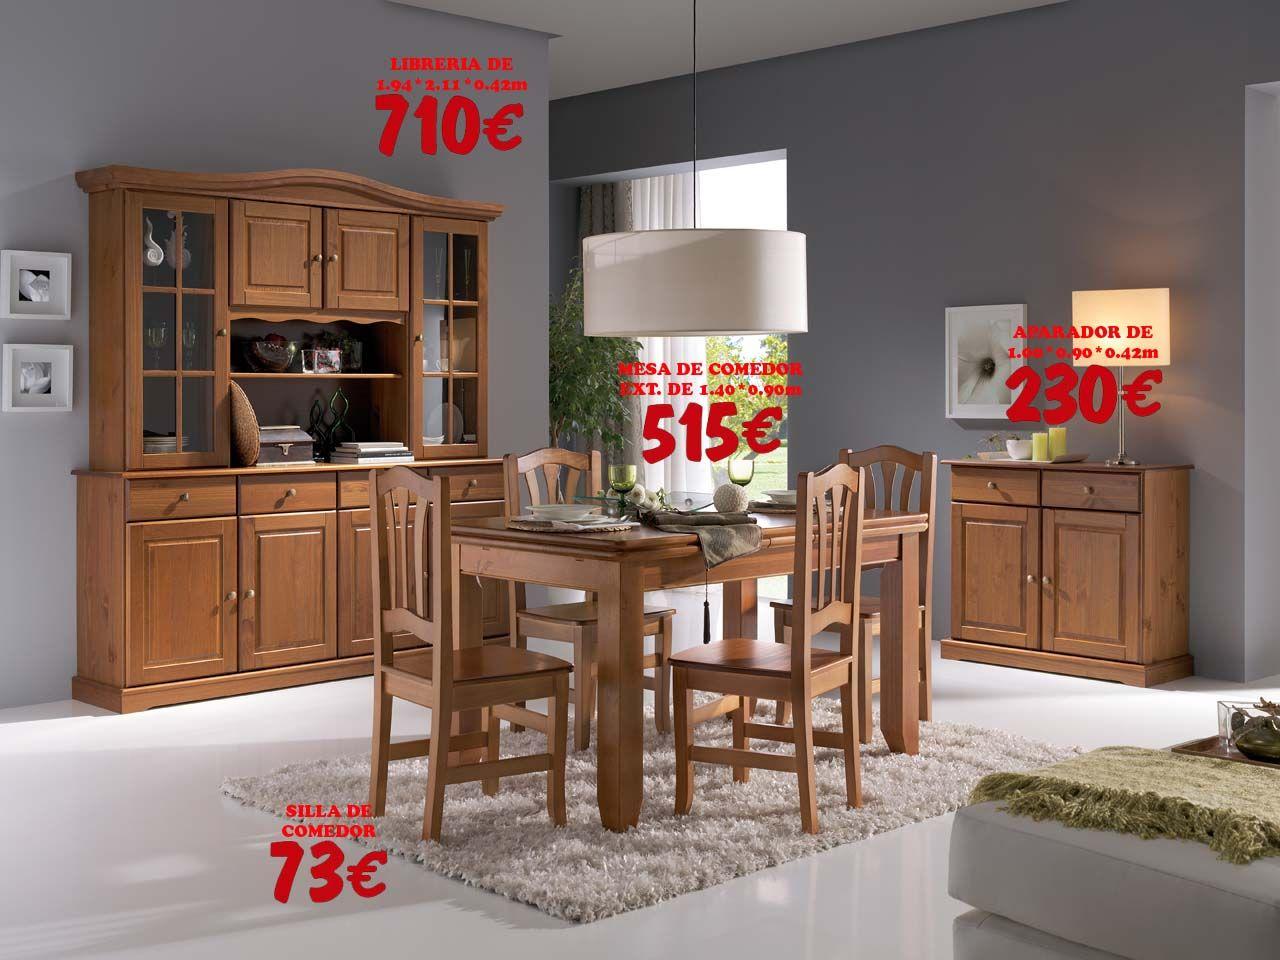 Muebles de pino macizo provenzal muebles amate muebles - Muebles de pino rusticos ...